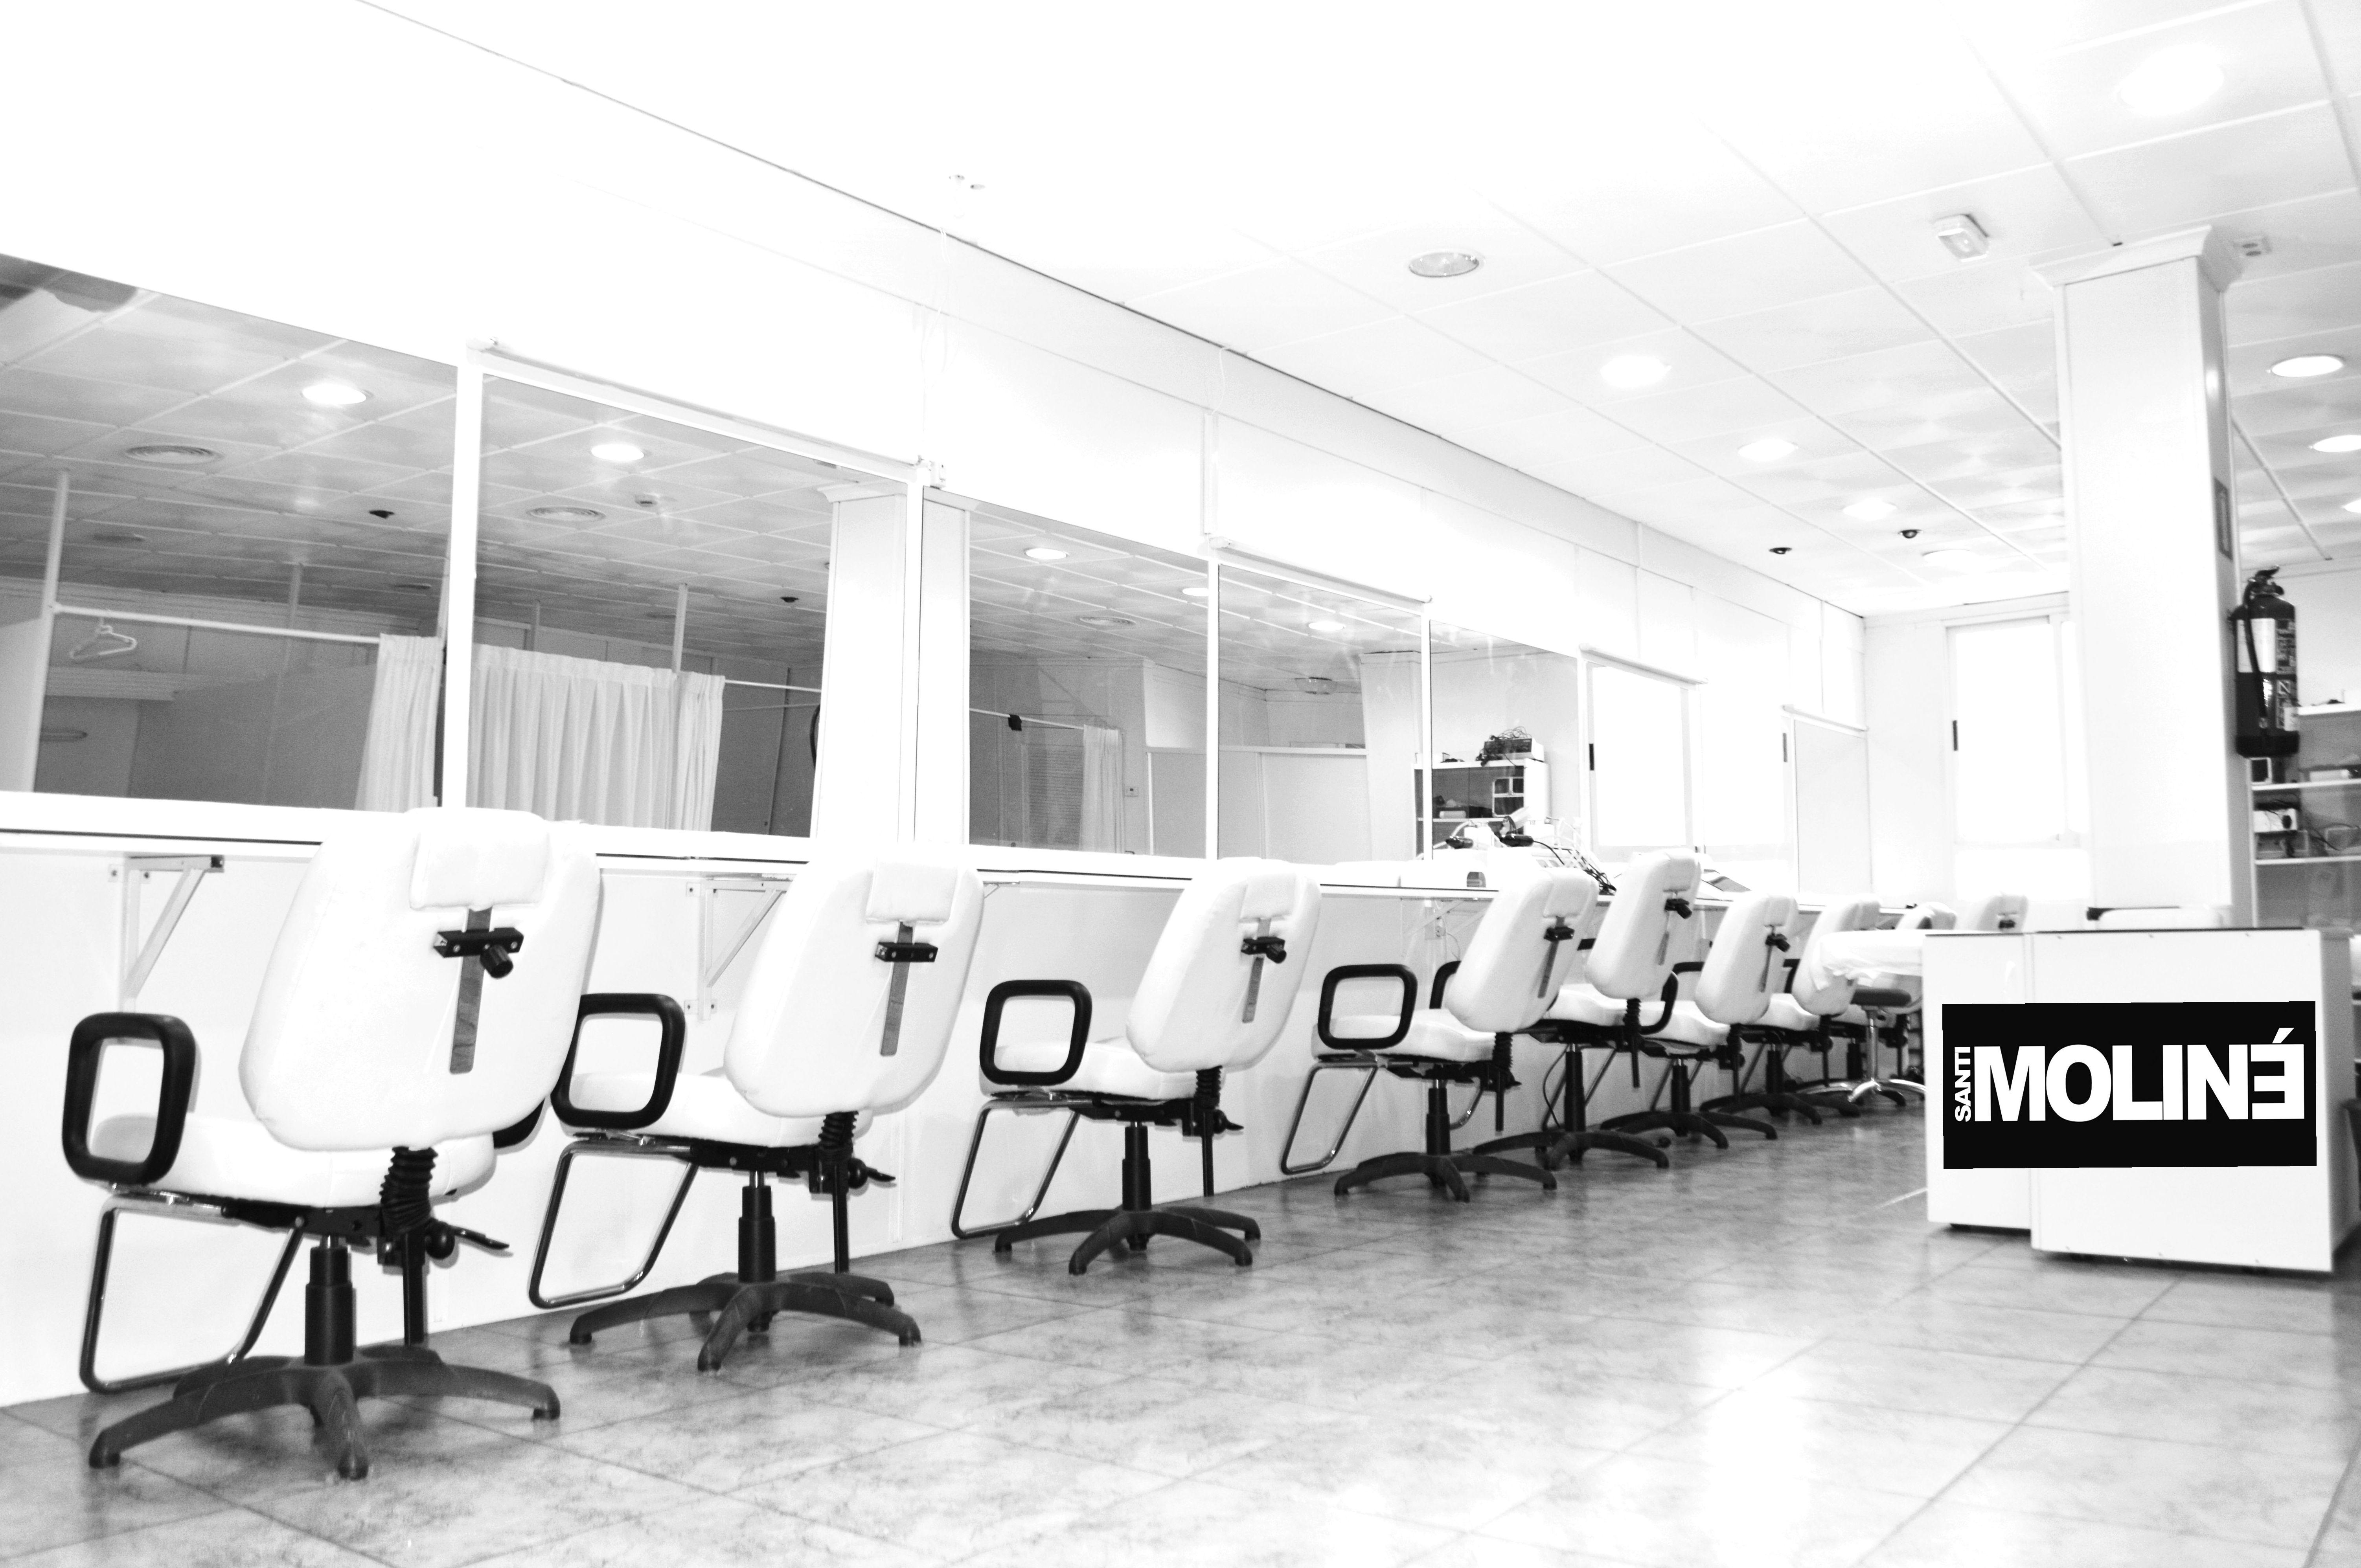 Foto 3 de Academia de peluquería y estética en Albacete | Centro de Formación de Peluquería y Estética Virgen de los Llanos Moliné